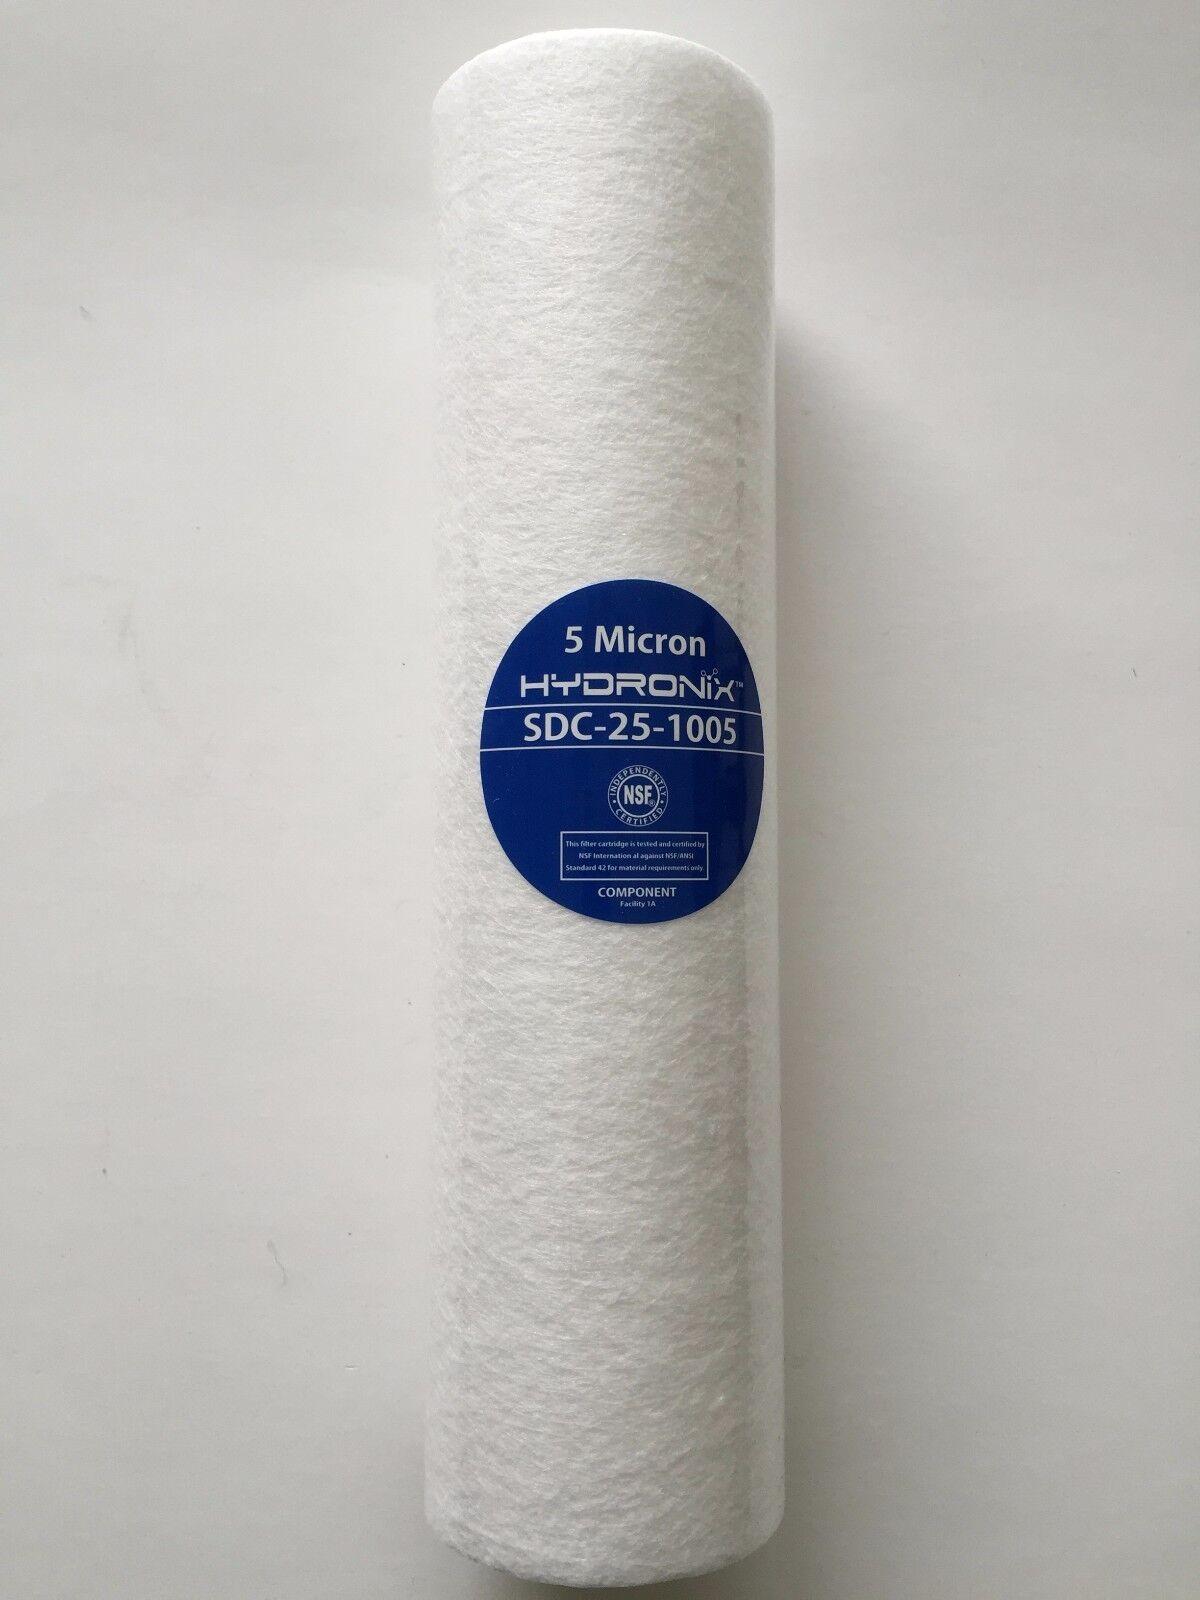 WATTS FPMB5-978 5 MICRON 10 x2.5  SEDIMENT FILTER HYDRONIX - CASE OF 40 FILTERS